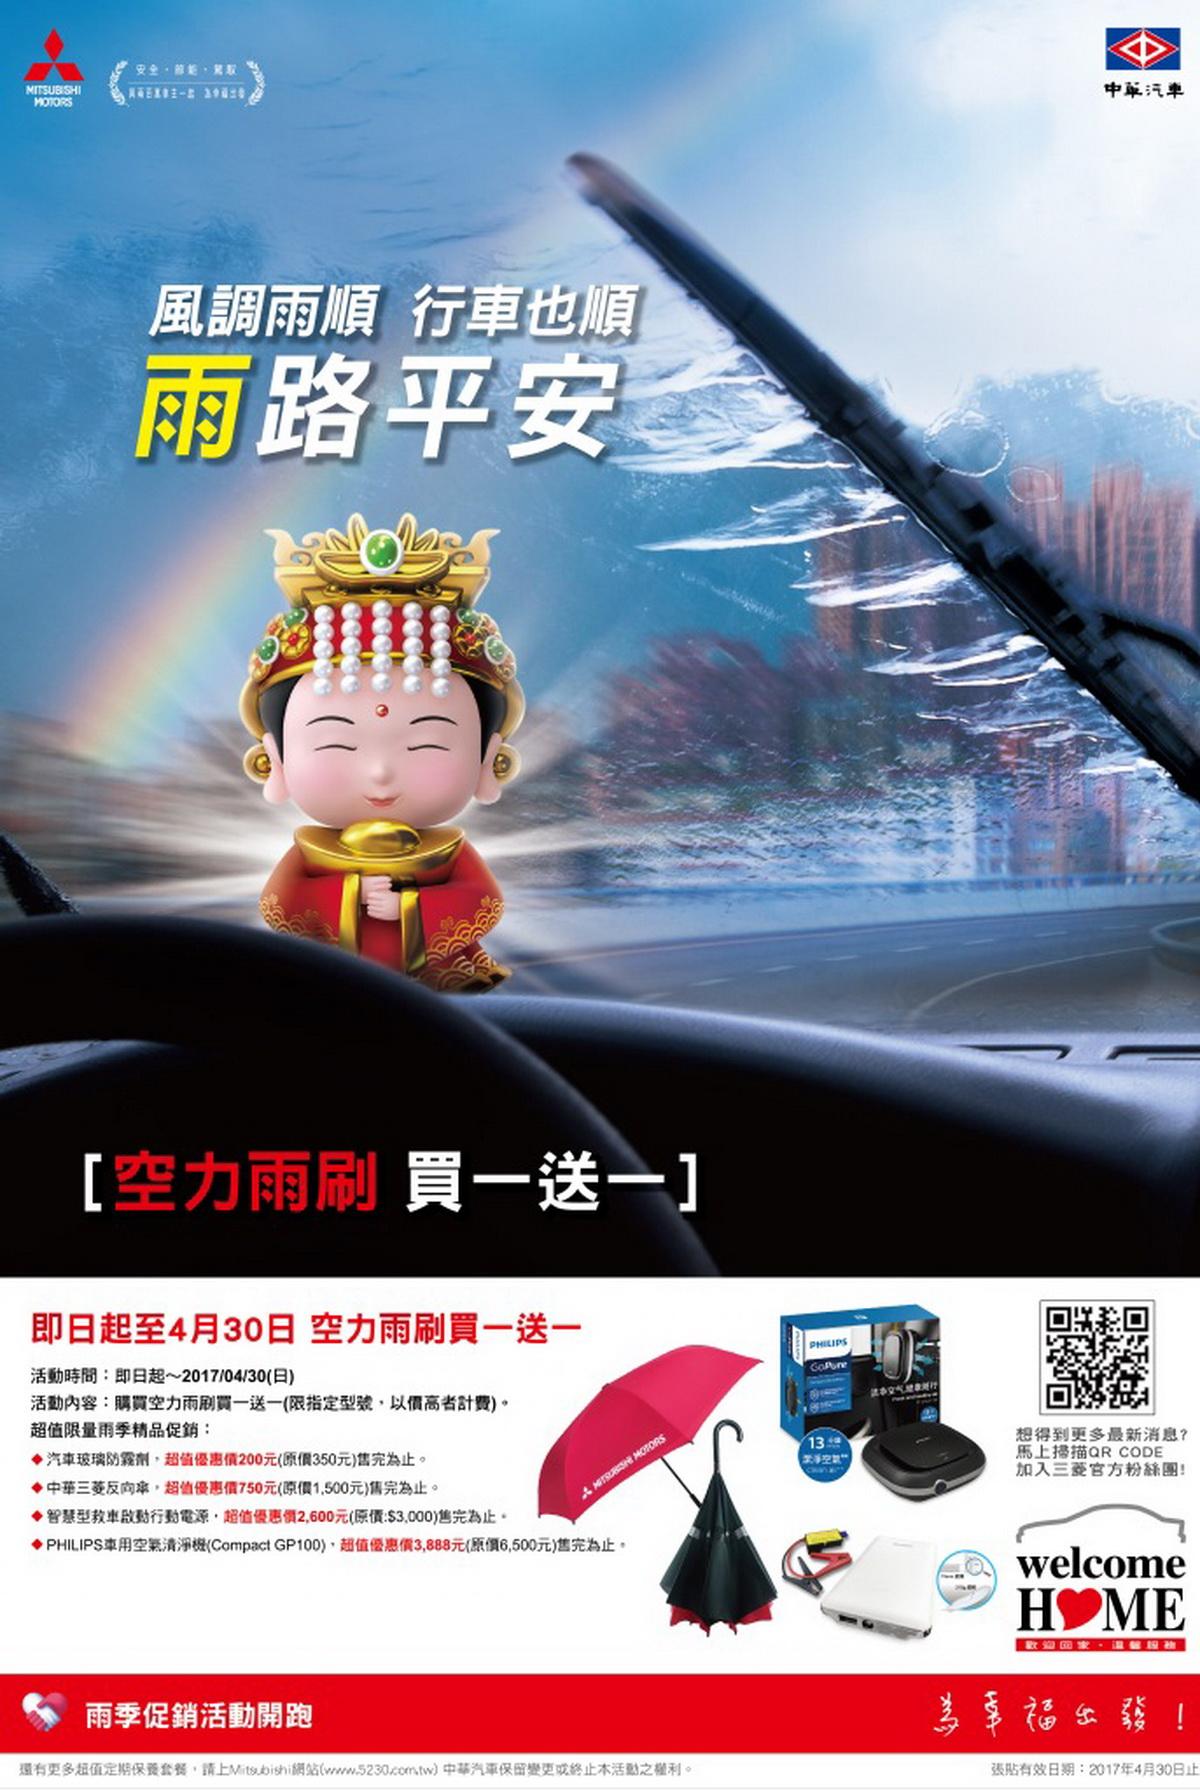 中華三菱雨季促銷活動開跑.jpg